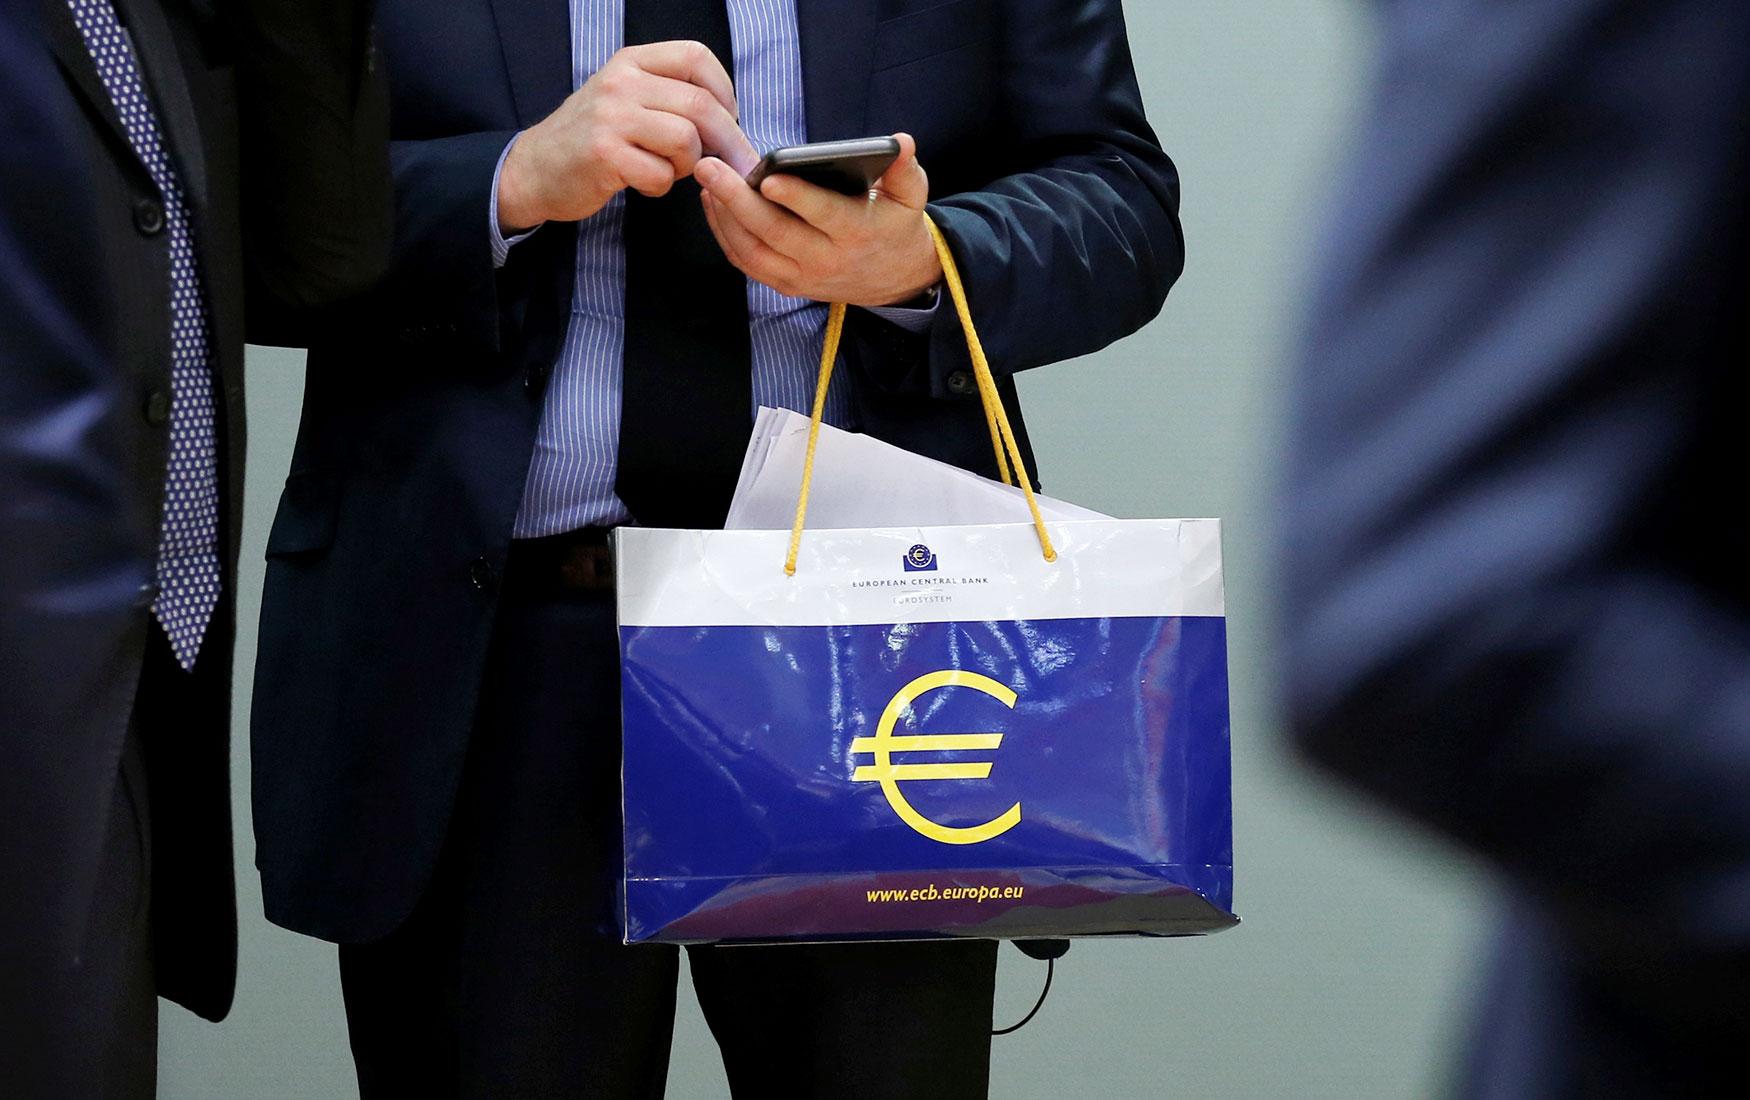 Валютное регулирование как театр абсурда